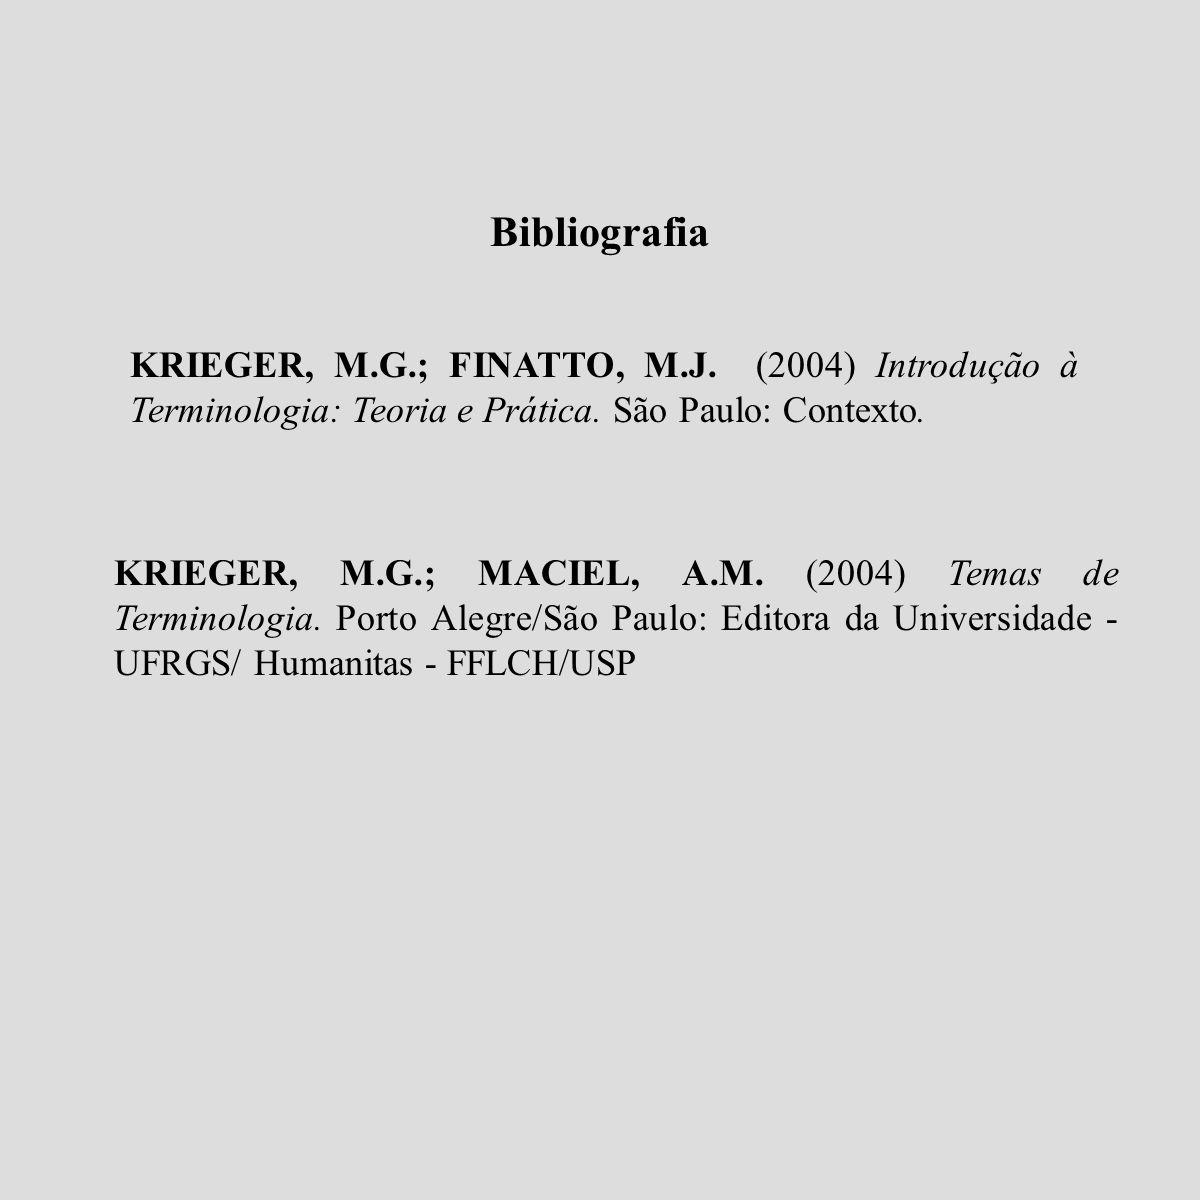 Bibliografia KRIEGER, M.G.; FINATTO, M.J. (2004) Introdução à Terminologia: Teoria e Prática. São Paulo: Contexto.